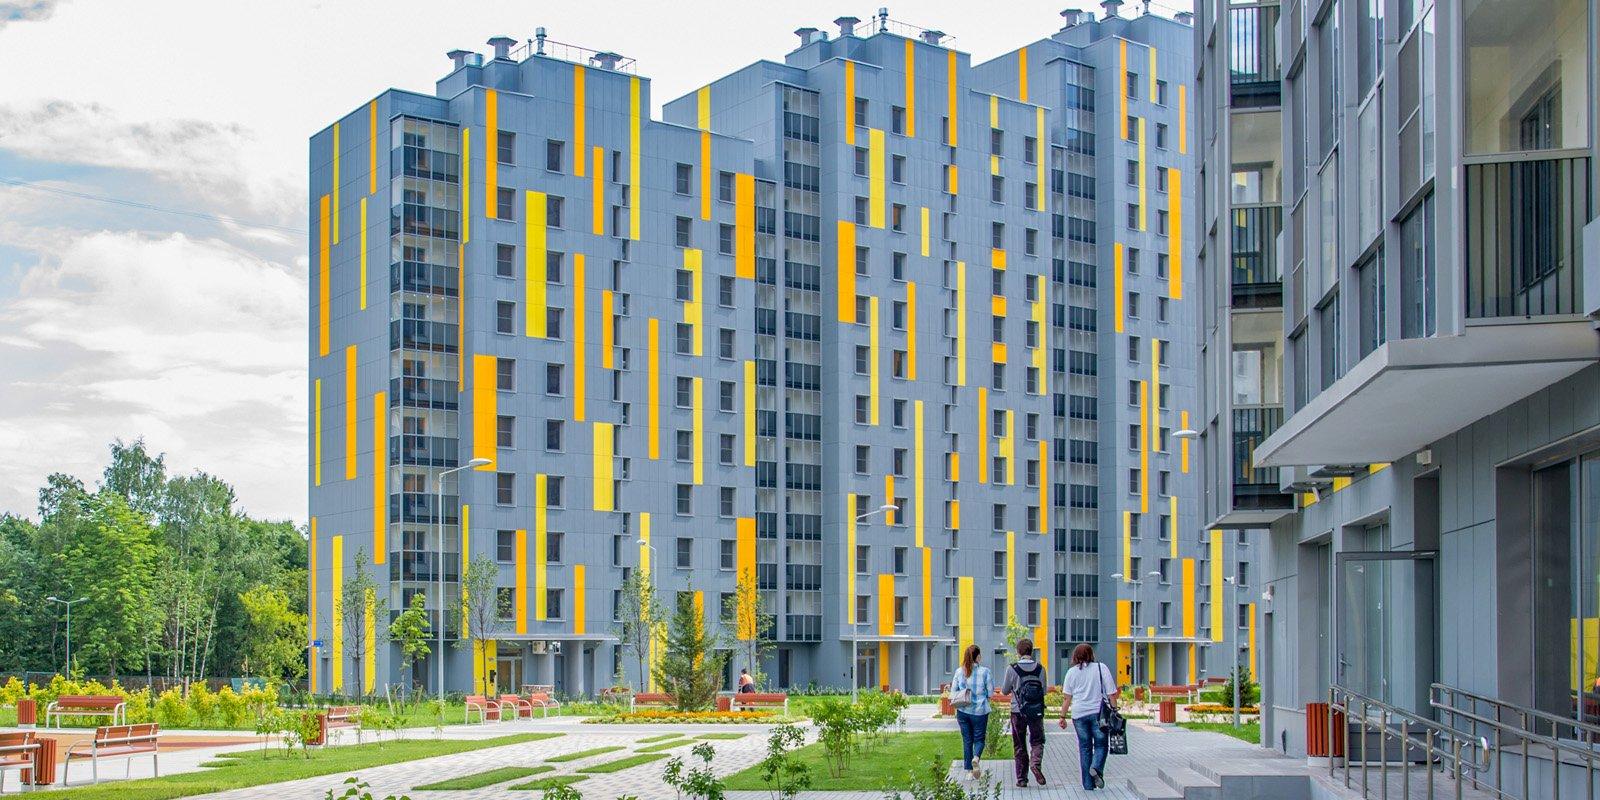 Список пятиэтажек для голосования по программе реновация в районе Алтуфьевский / Список домов в СВАО / Сайт Москвы